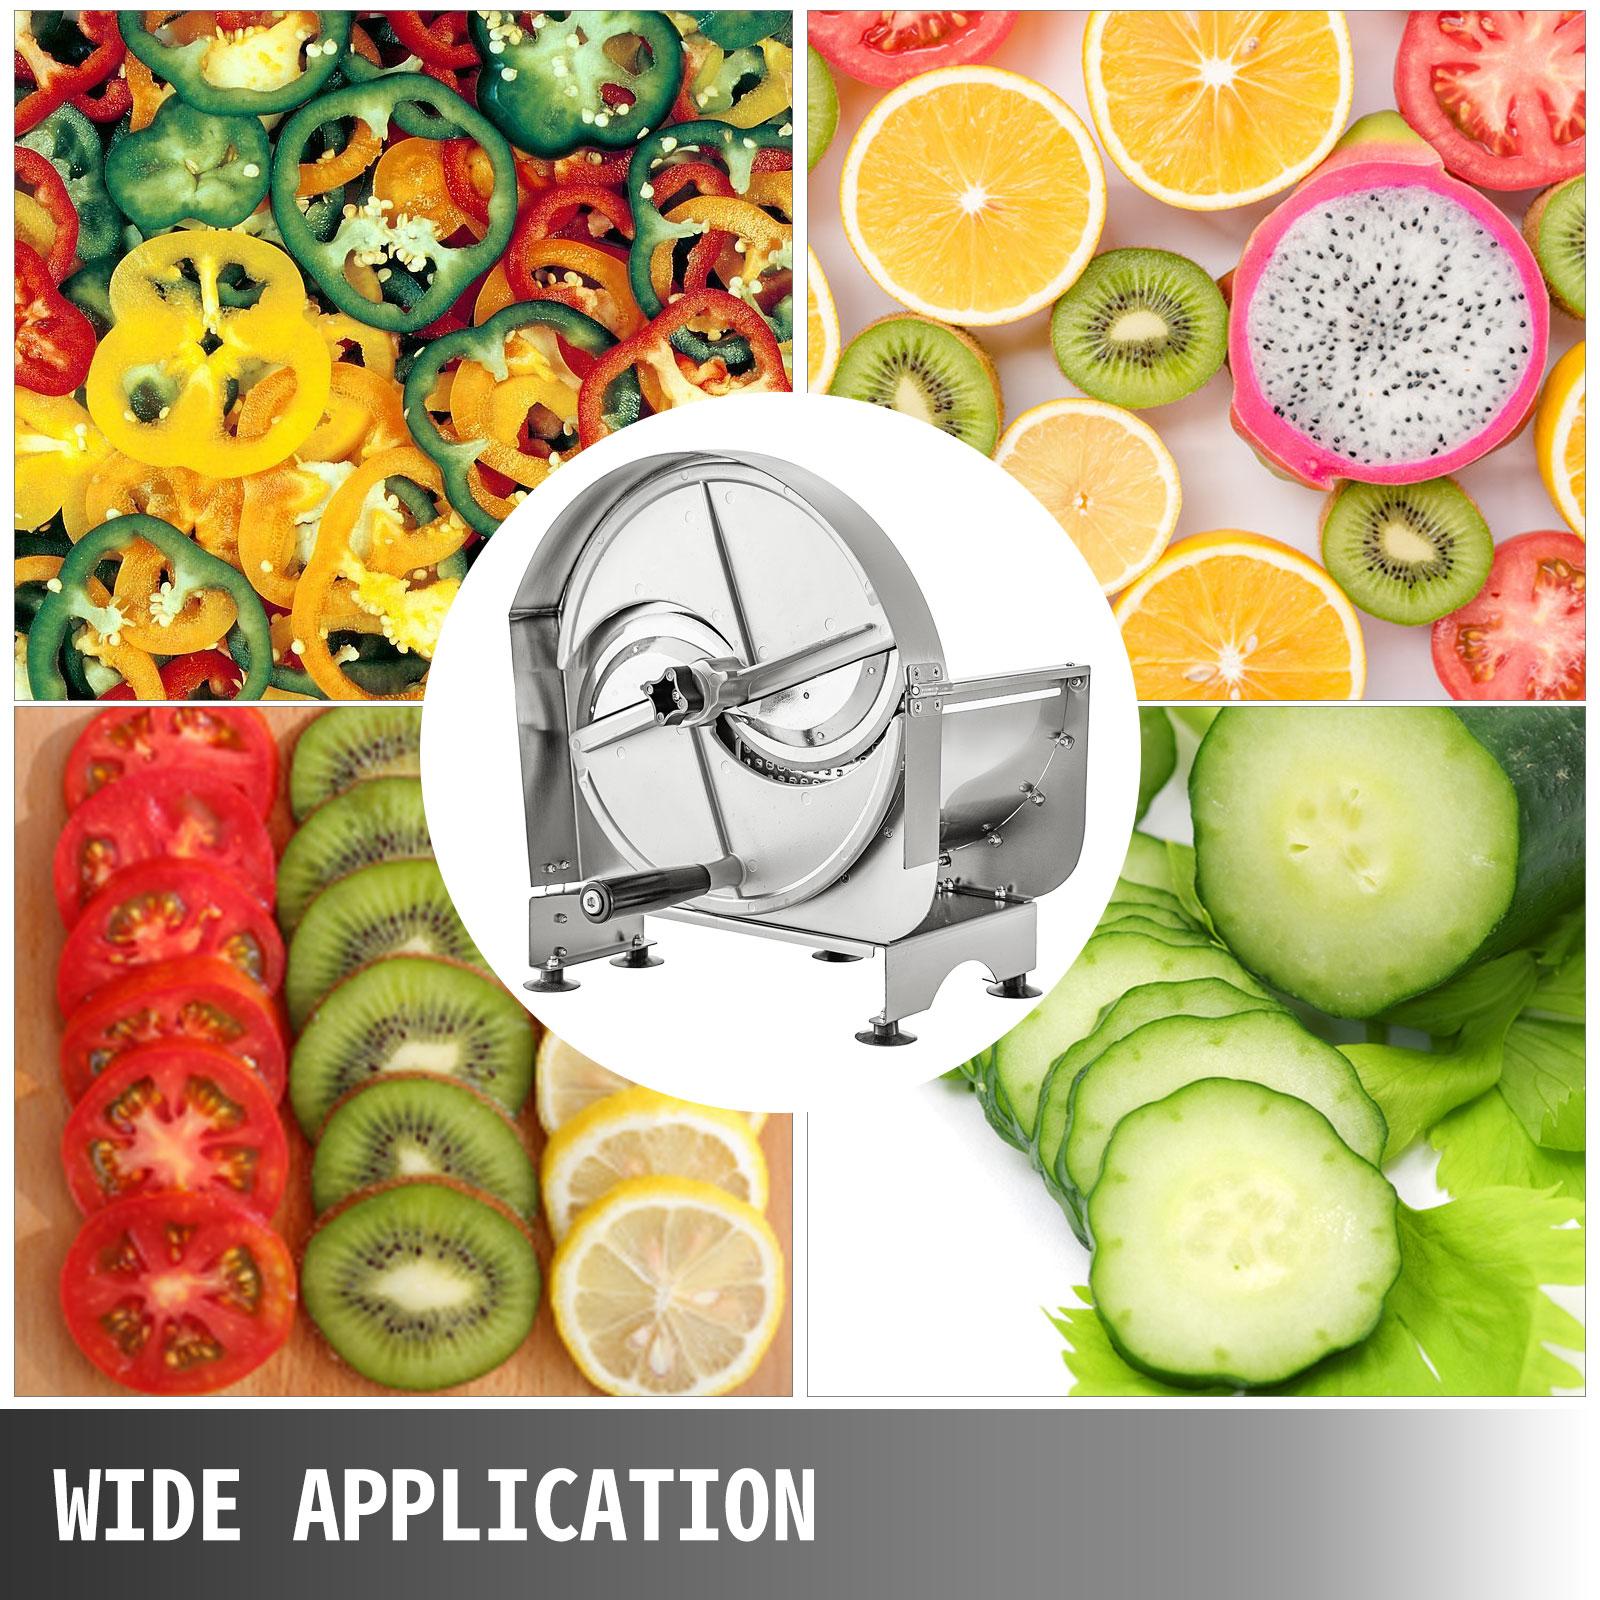 Gemüseschneider Gemüsehobel 0,2-10mm Wellenschneider Obstschneider Zwiebelhacker